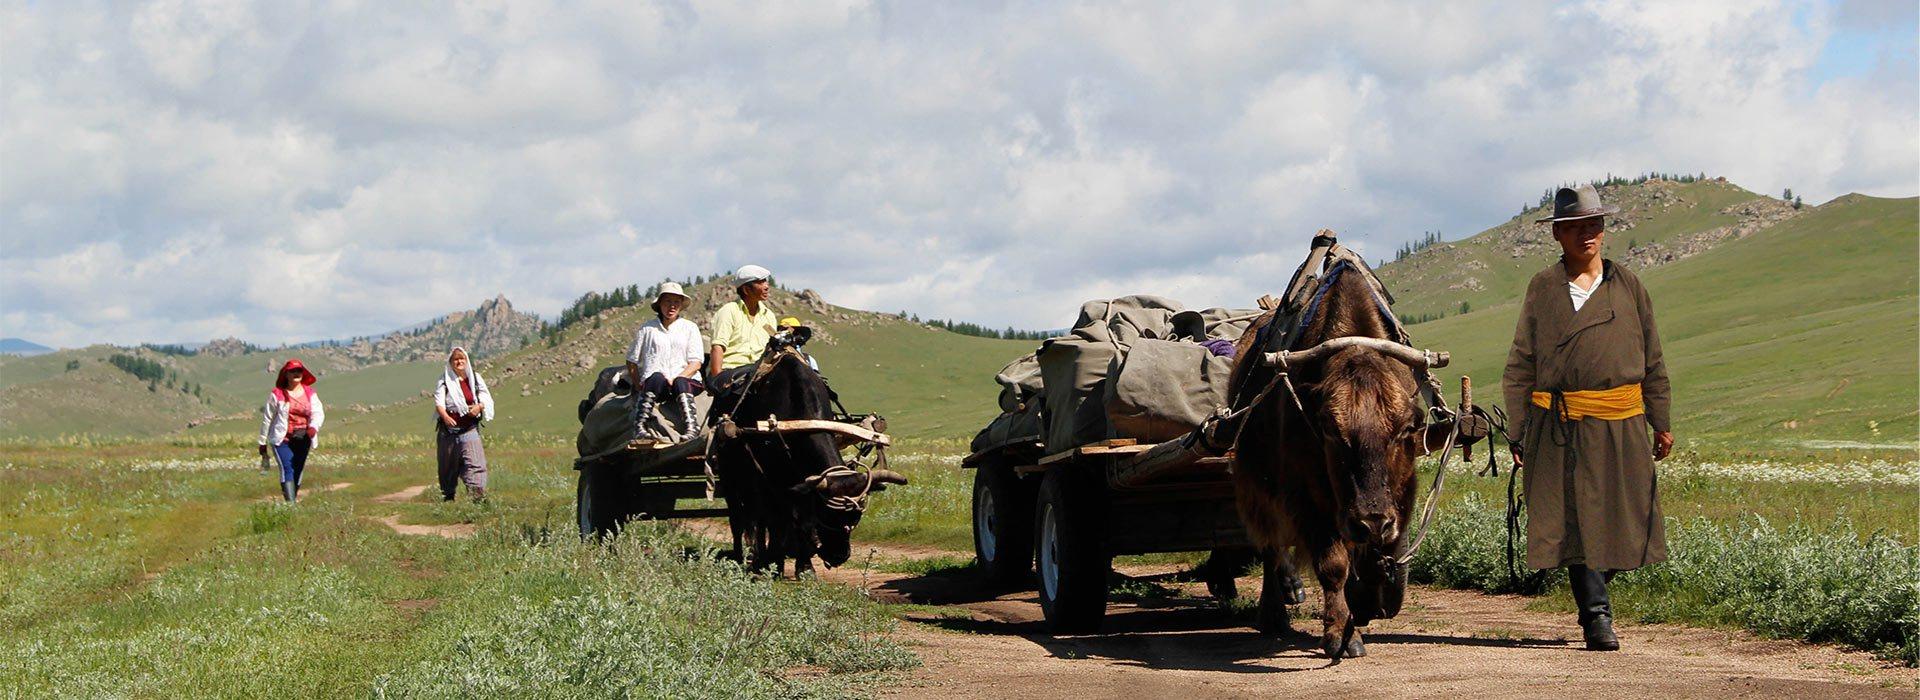 yak-trekking-1-1